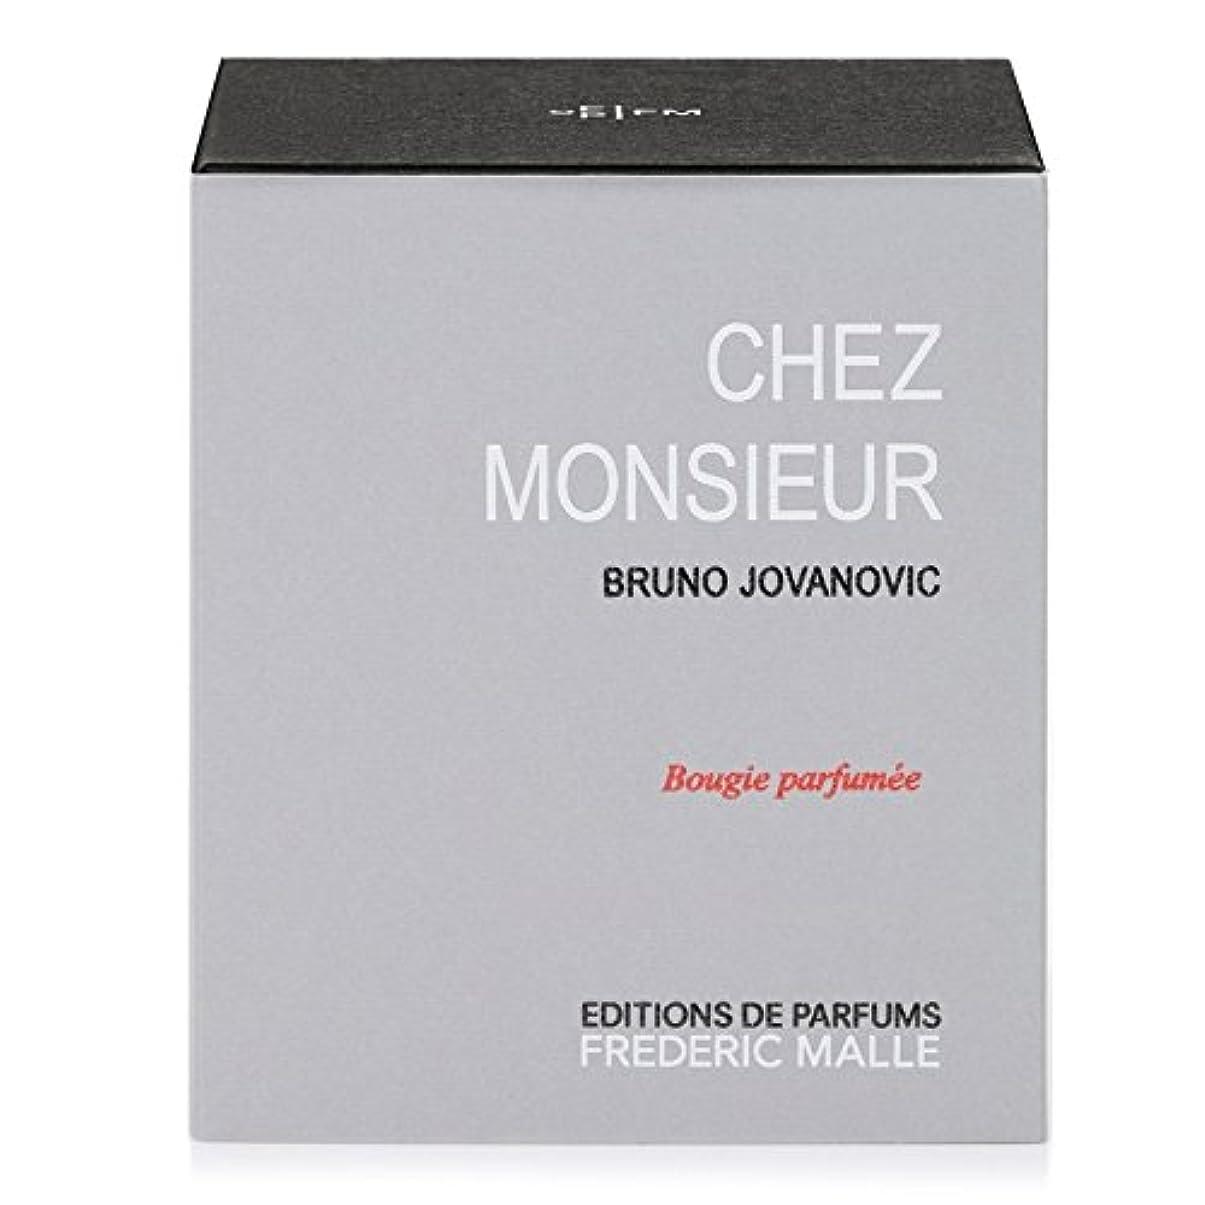 和らげる苦悩削除するFrederic Malle Chez Monsieur Scented Candle 220g (Pack of 4) - フレデリック?マルシェムッシュ香りのキャンドル220グラム x4 [並行輸入品]